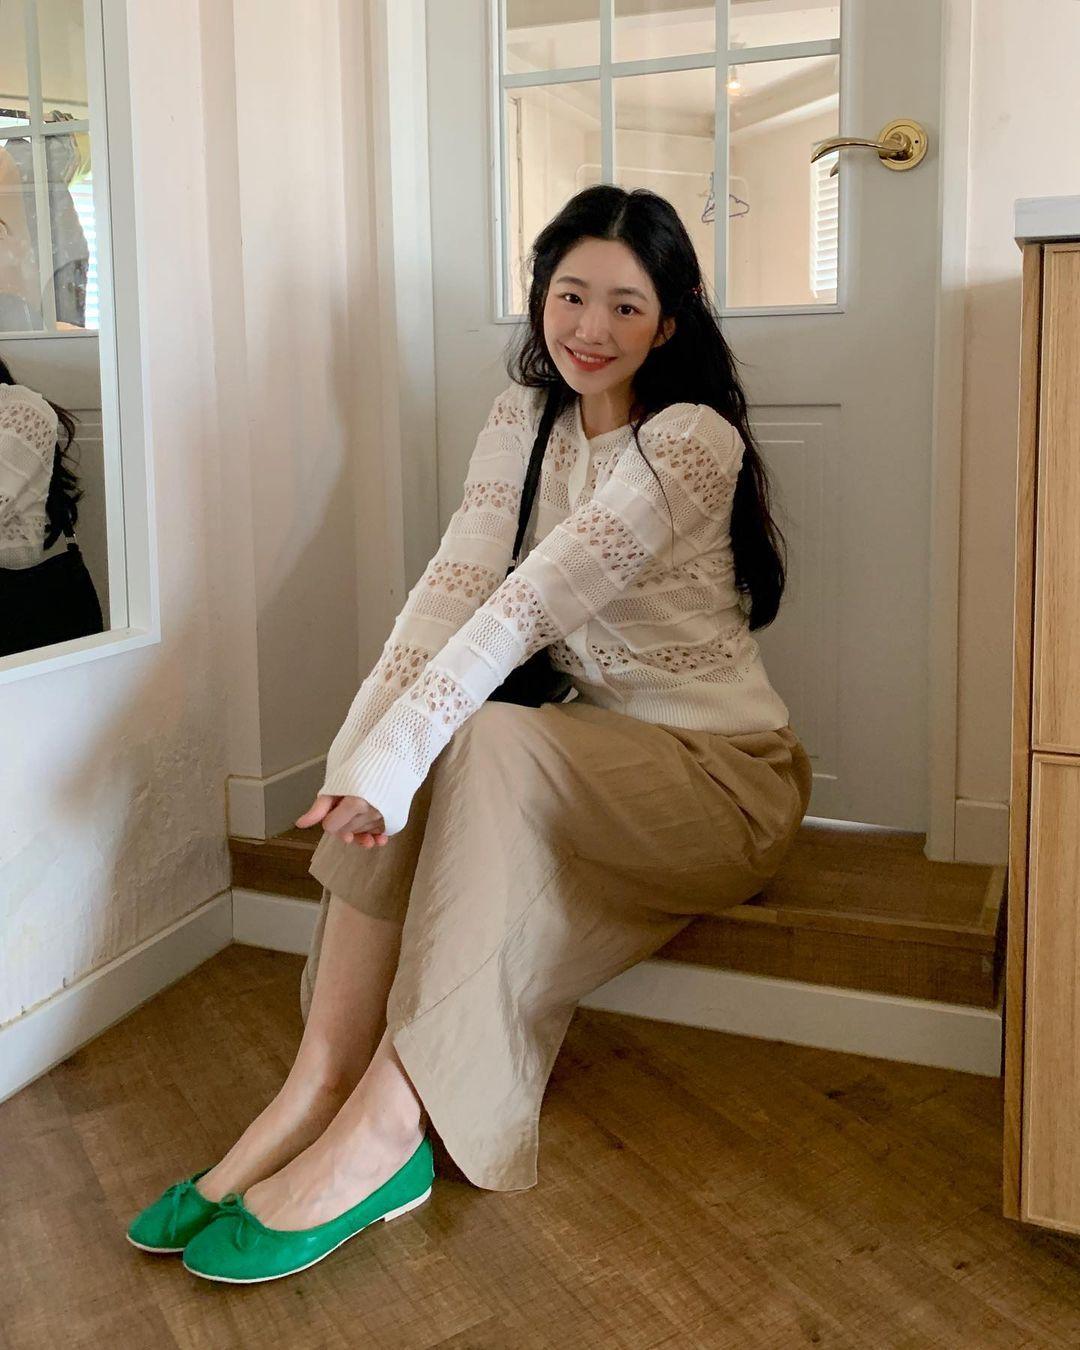 Kiểu giày búp bê hot nhất mùa Xuân: Diện với quần jeans hay váy đều xịn đẹp Ảnh 12